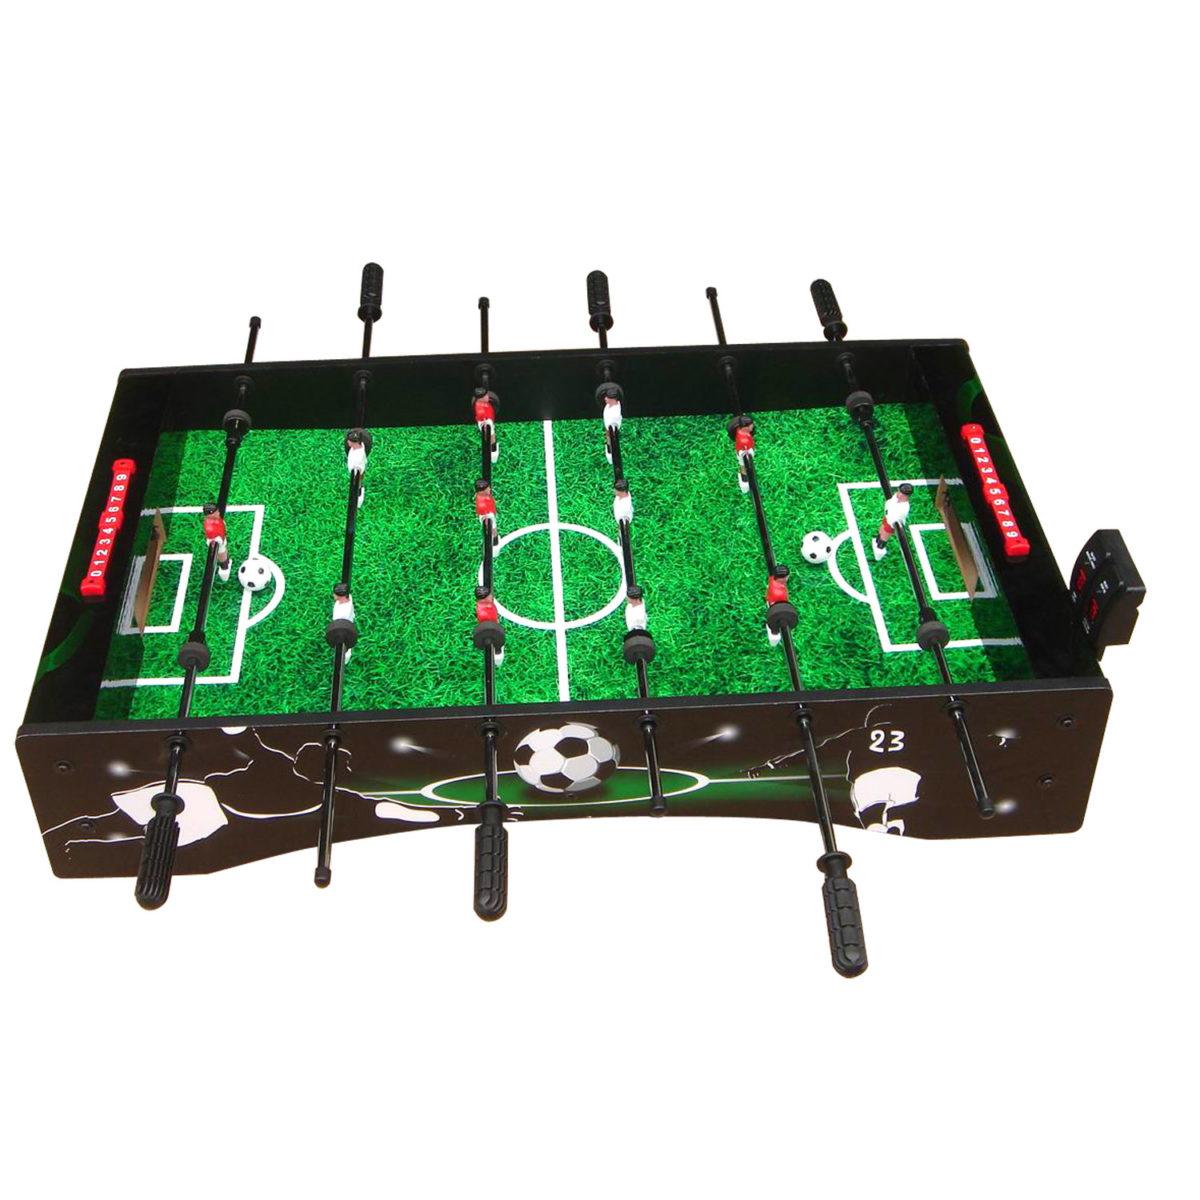 DFC Marcel Pro Игровой стол футбол  GS-ST-1275 - 3